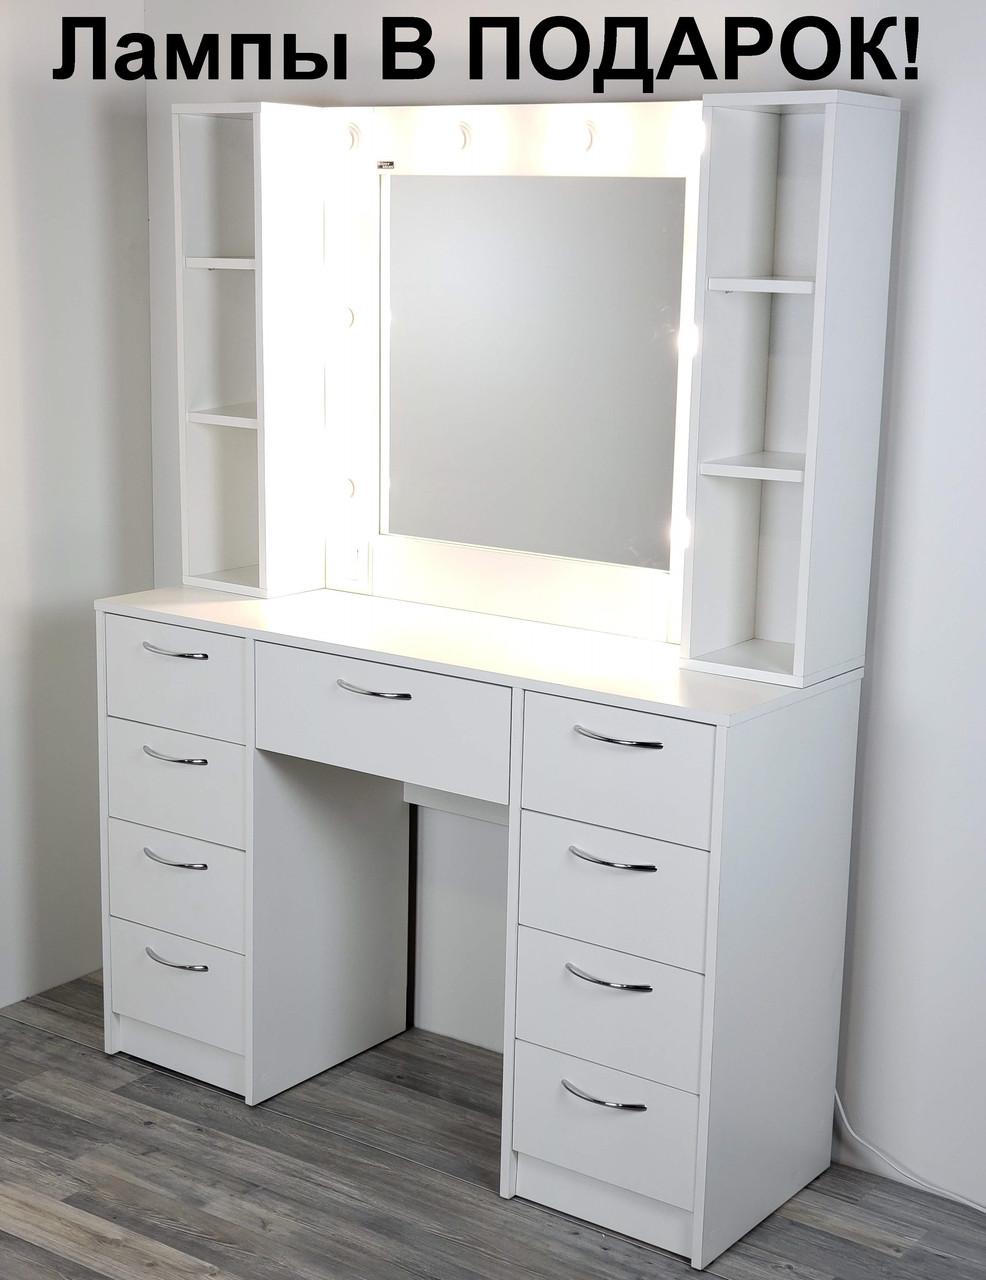 Акція! Гримерный туалетний визажный стіл для макіяжу з дзеркалом з лампочками з підсвічуванням для візажиста!